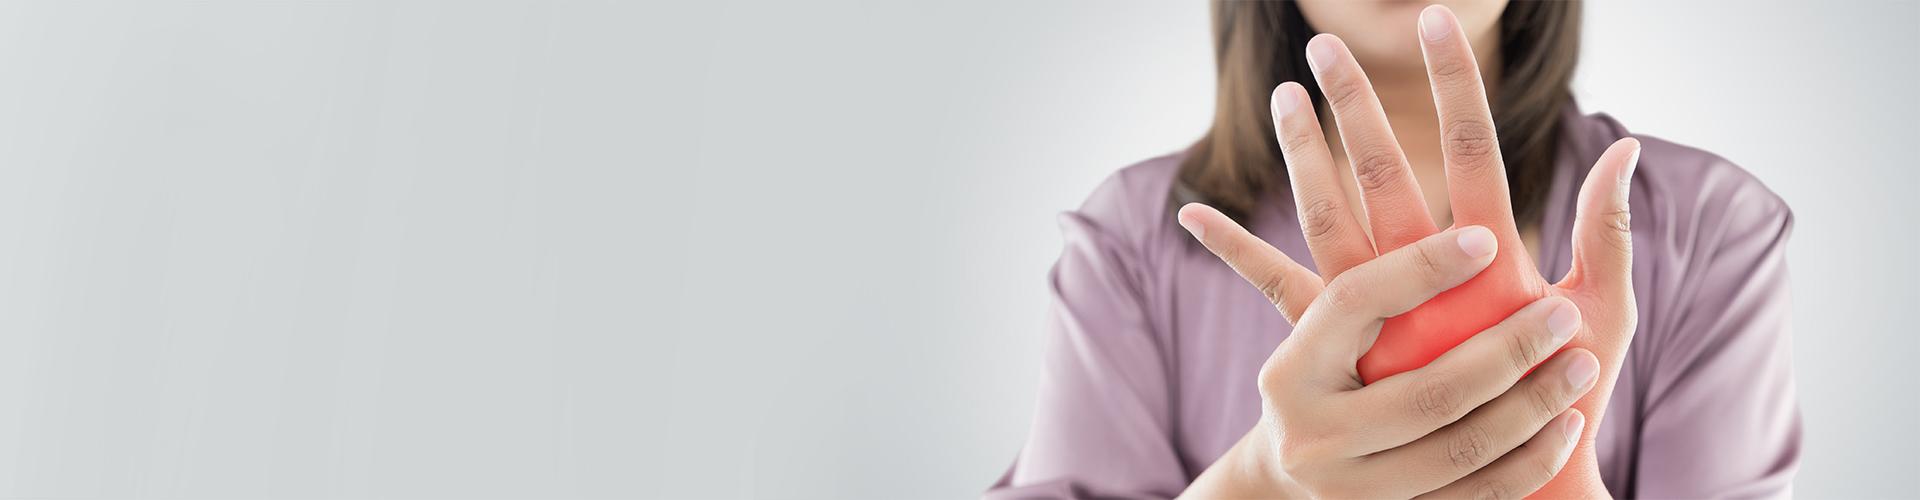 STIWELL Neurorehabilitation | Informationen zu komplexes regionales Schmerzsyndrom (CRPS)